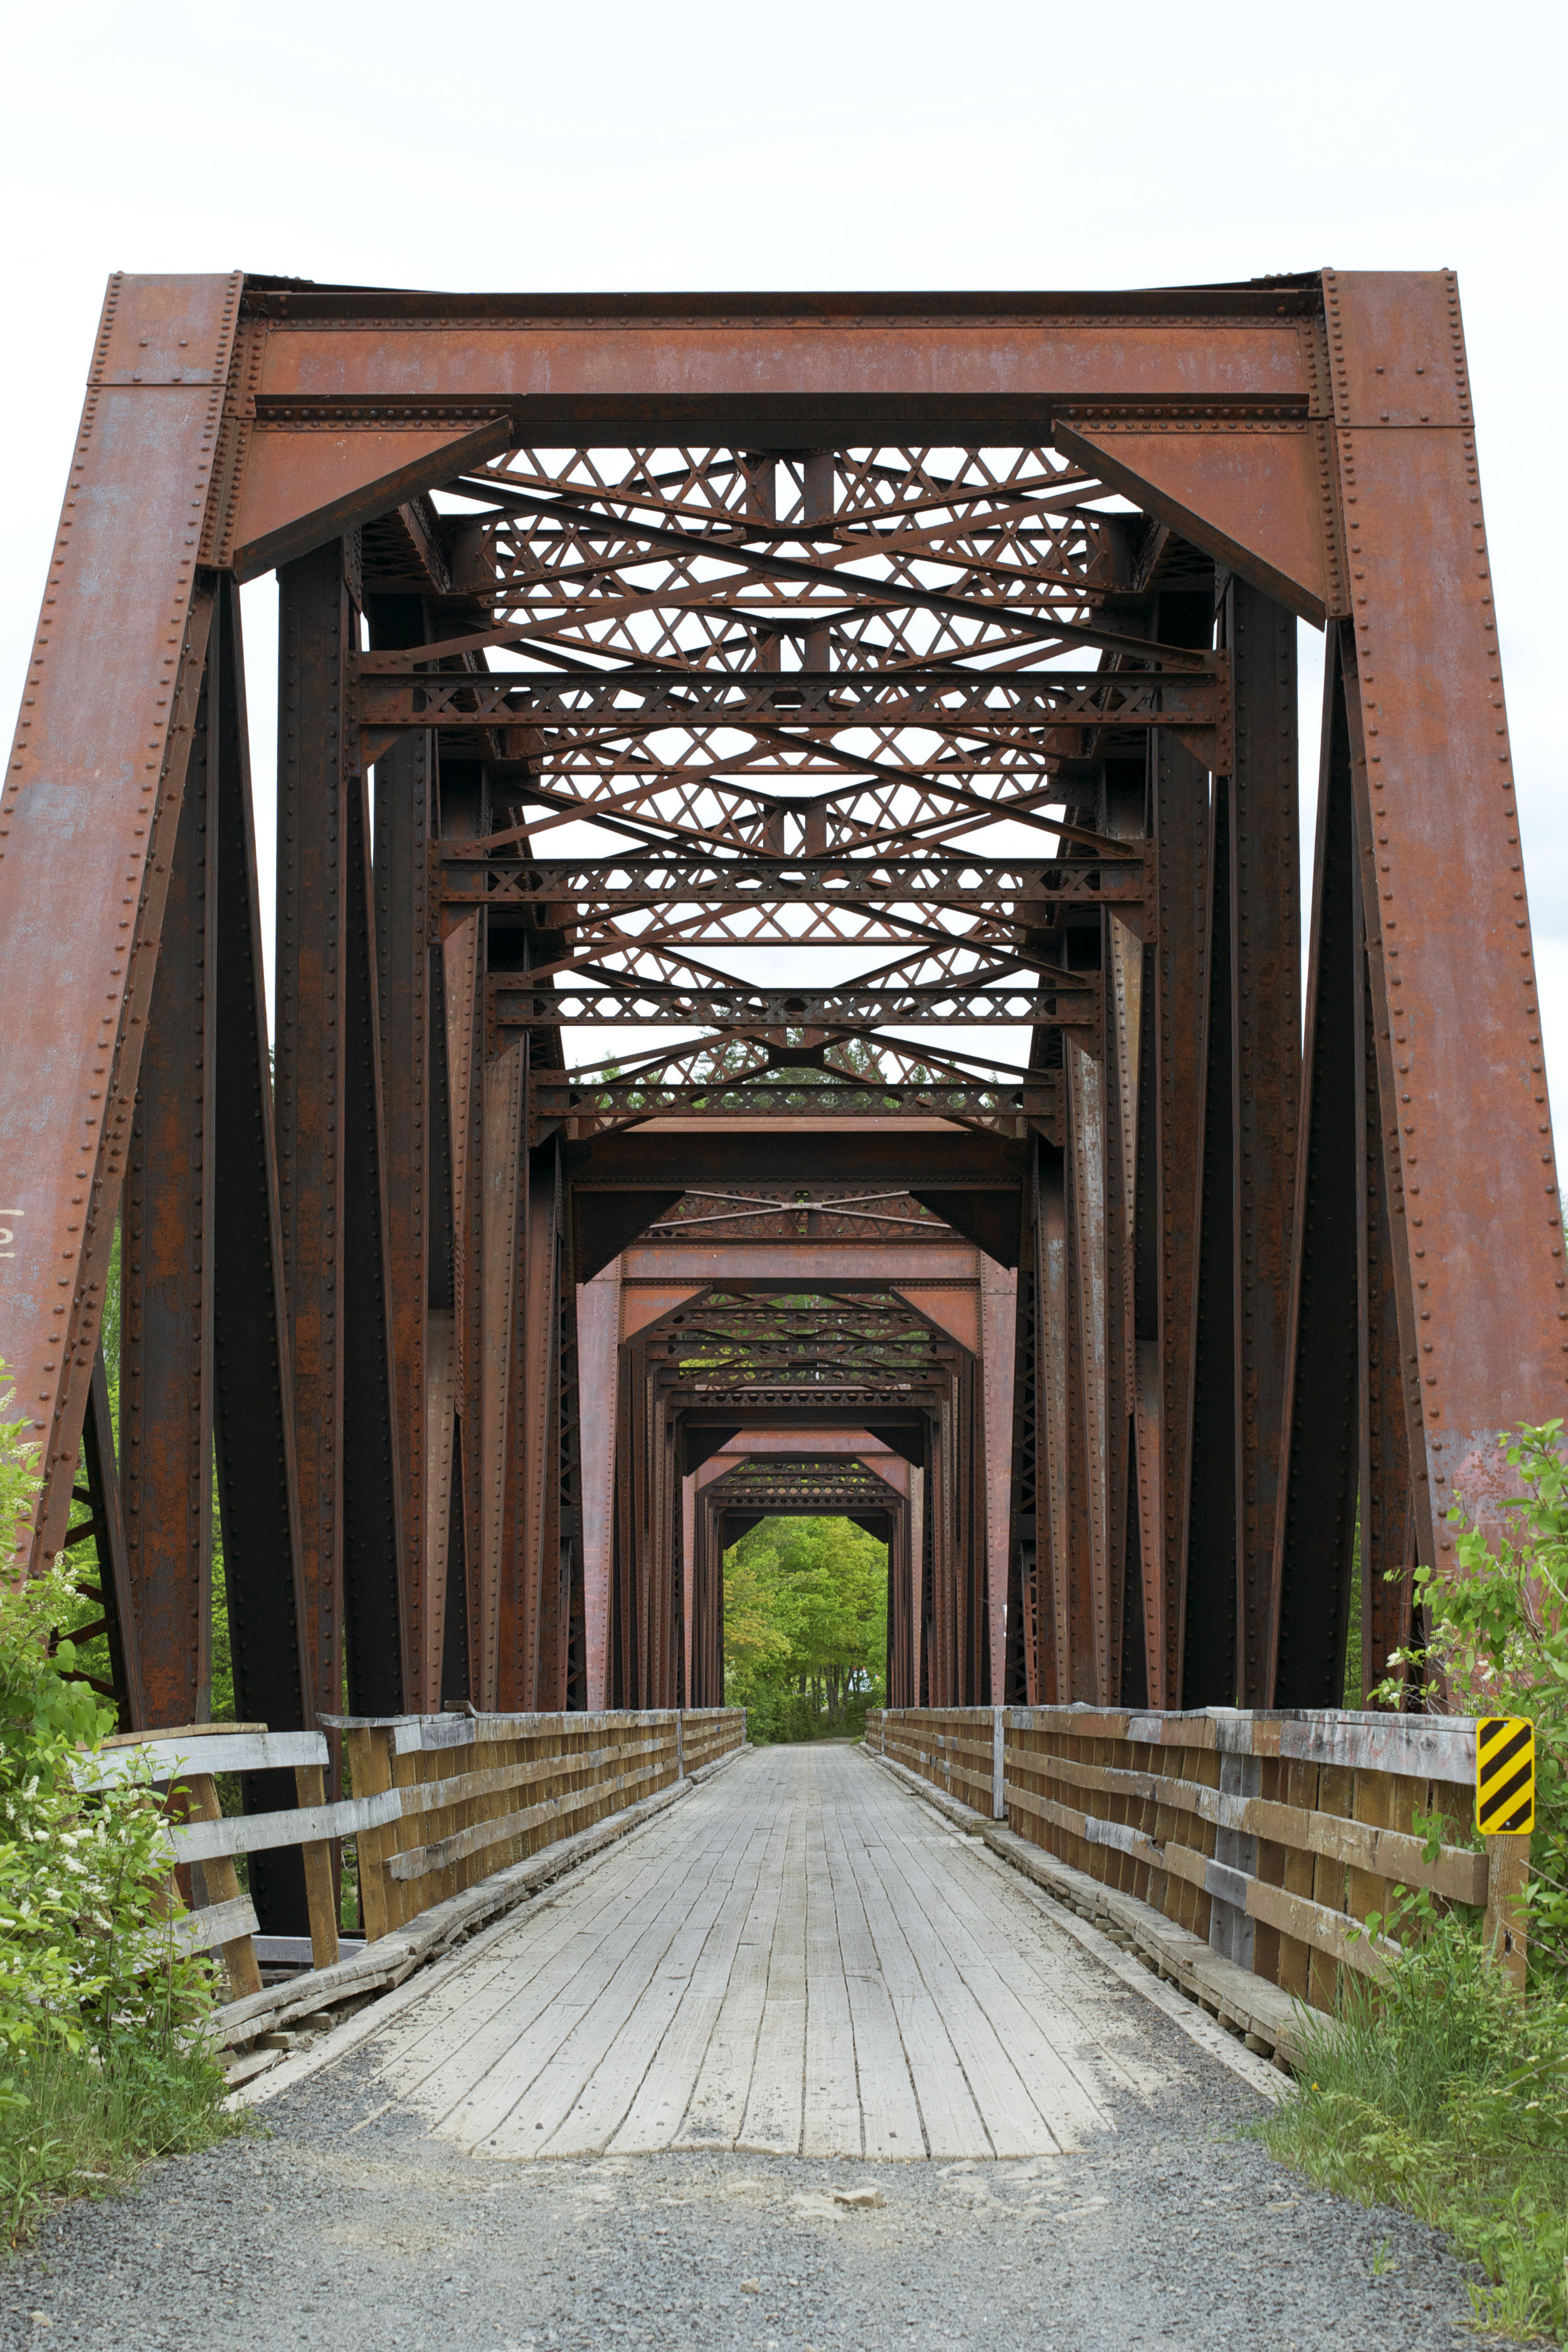 doaktown-train-bridge.jpg